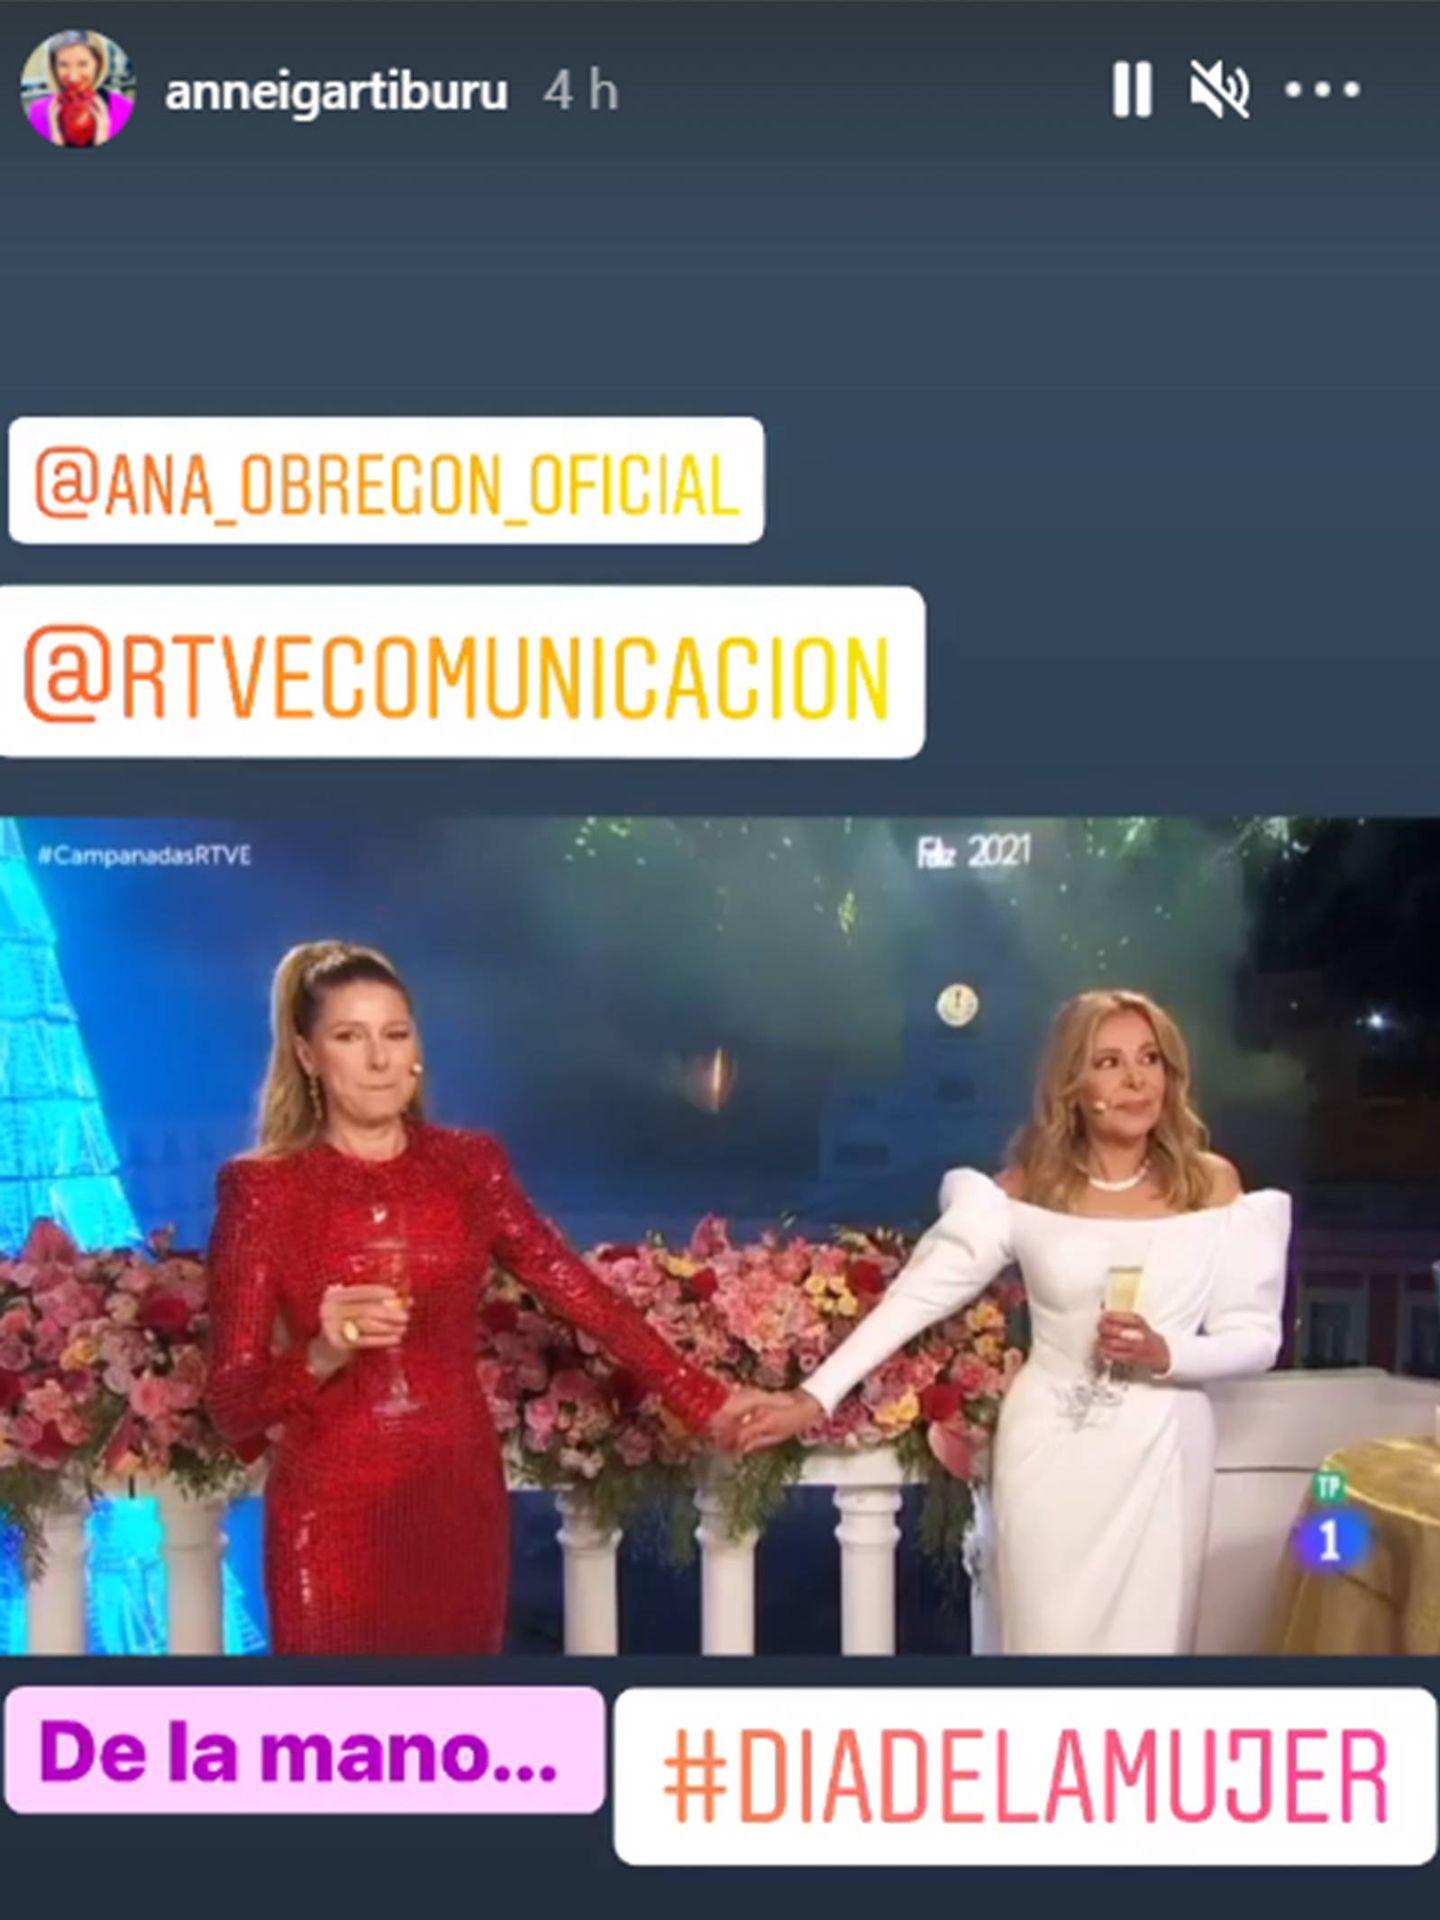 Anne Igartiburu ha querido recordar las campanadas junto a Ana Obregón en este 8-M. (Instagram @anneigartiburu)